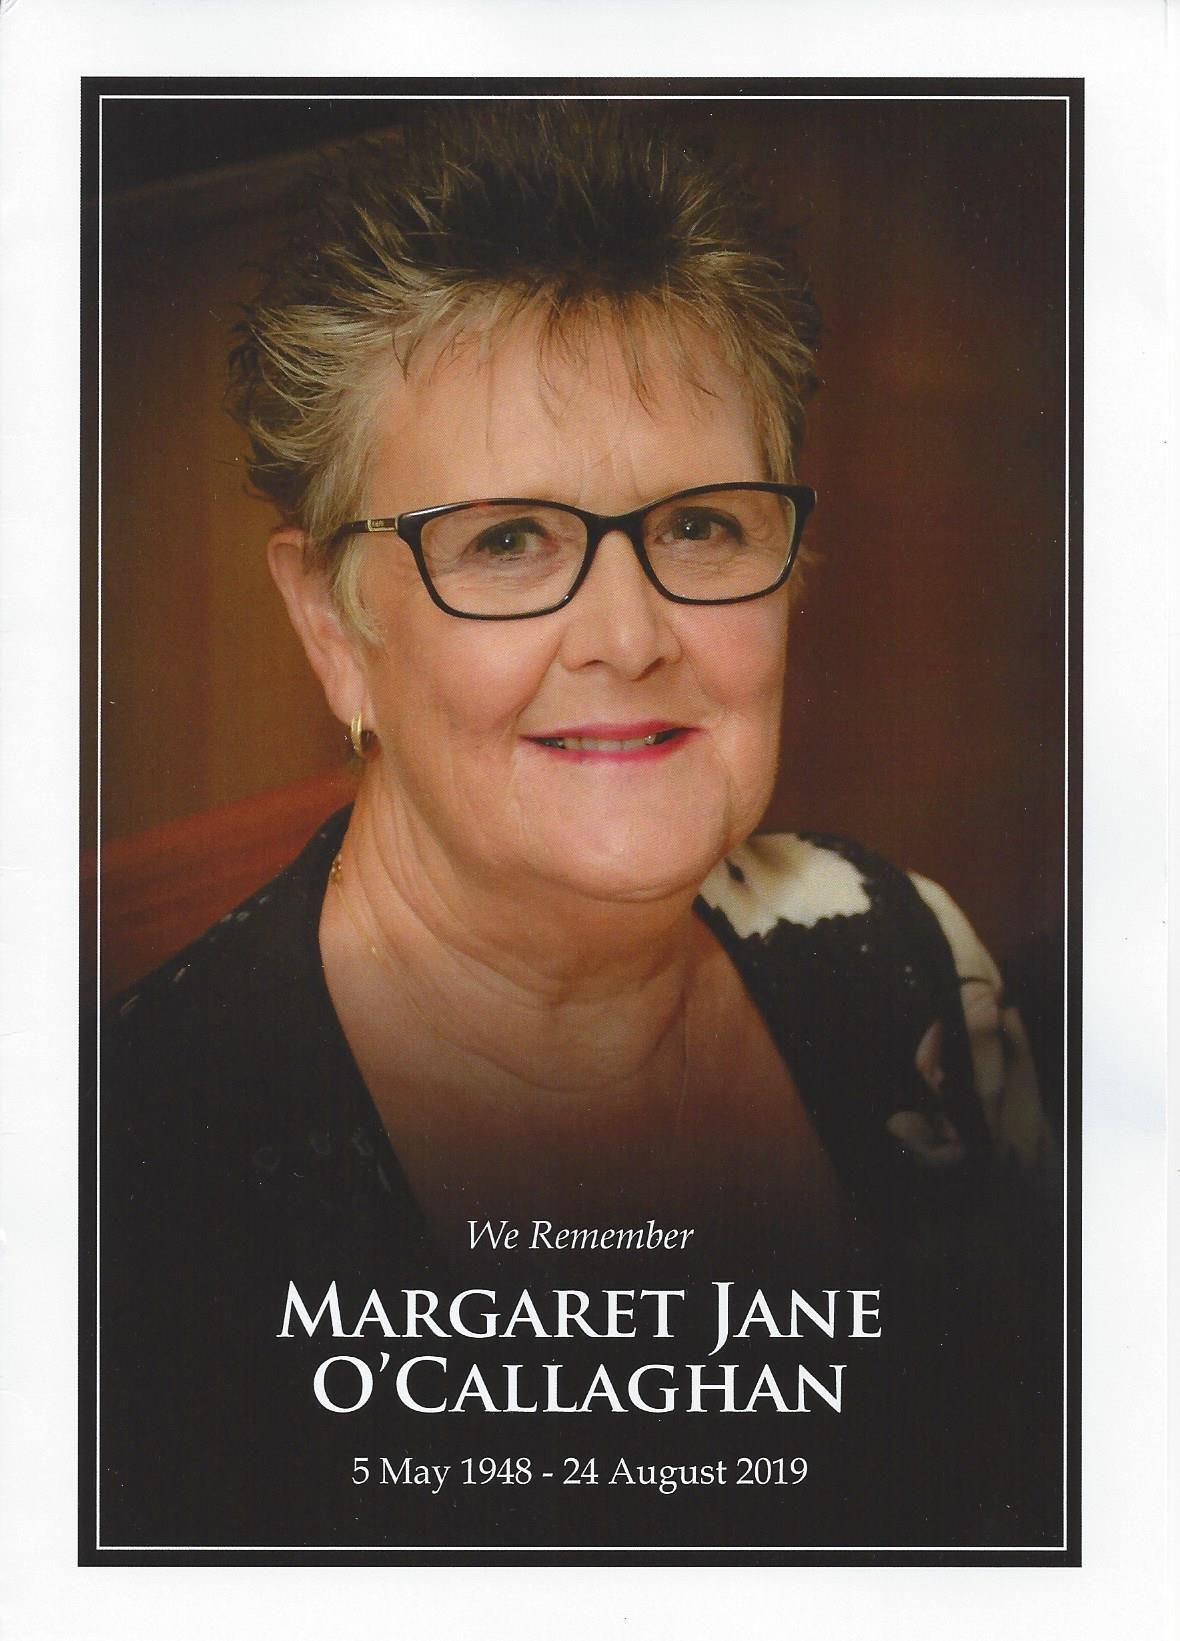 Marg OCallaghan